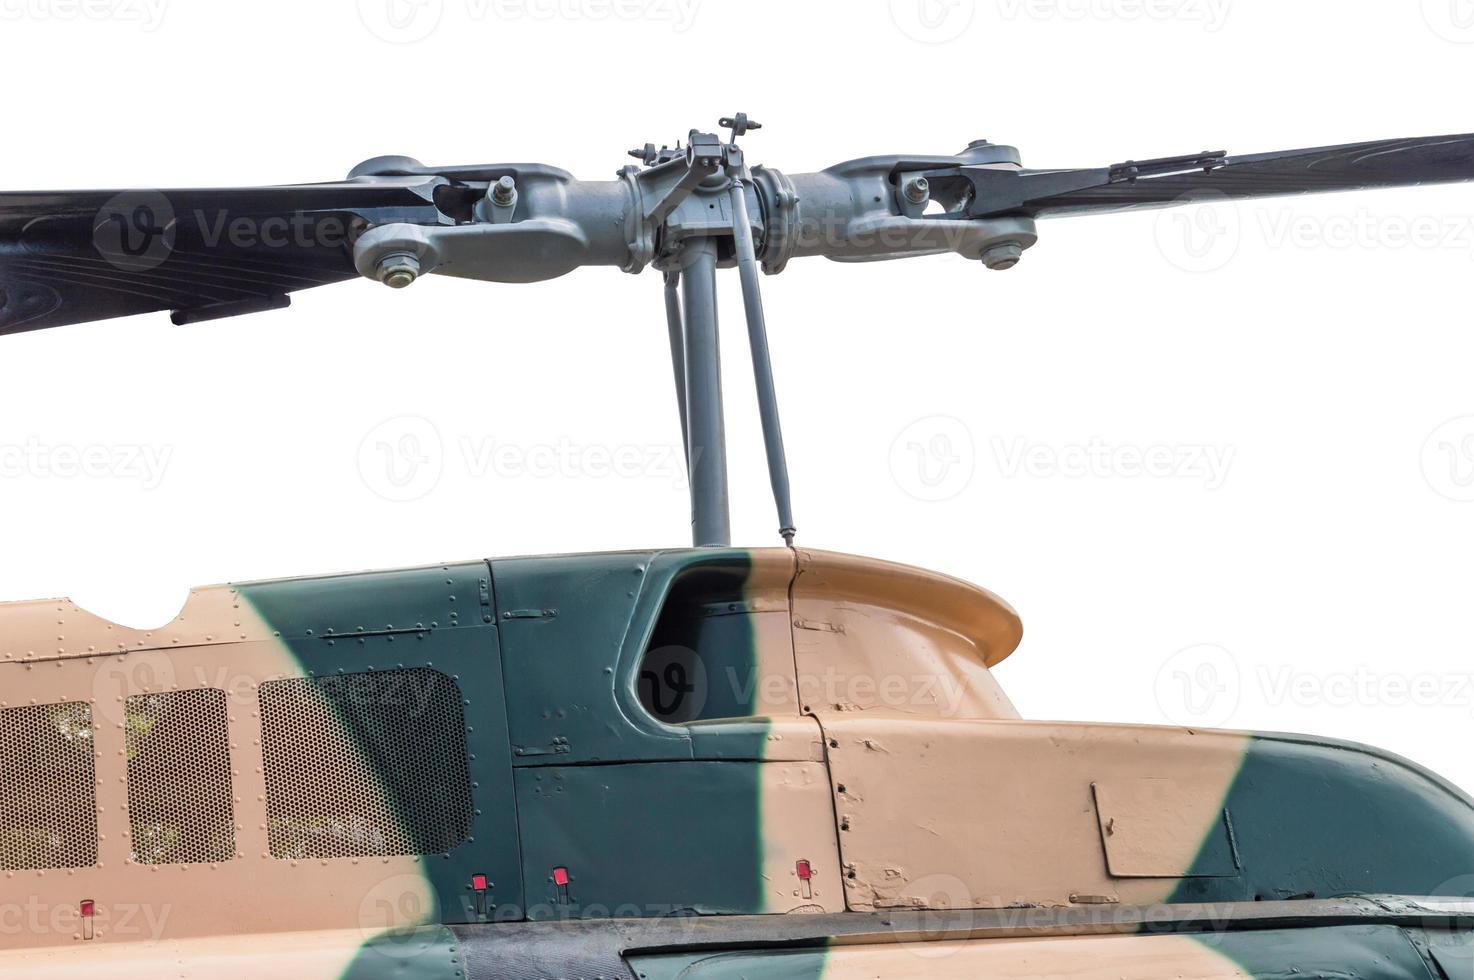 rotor close-up de helicóptero militar foto